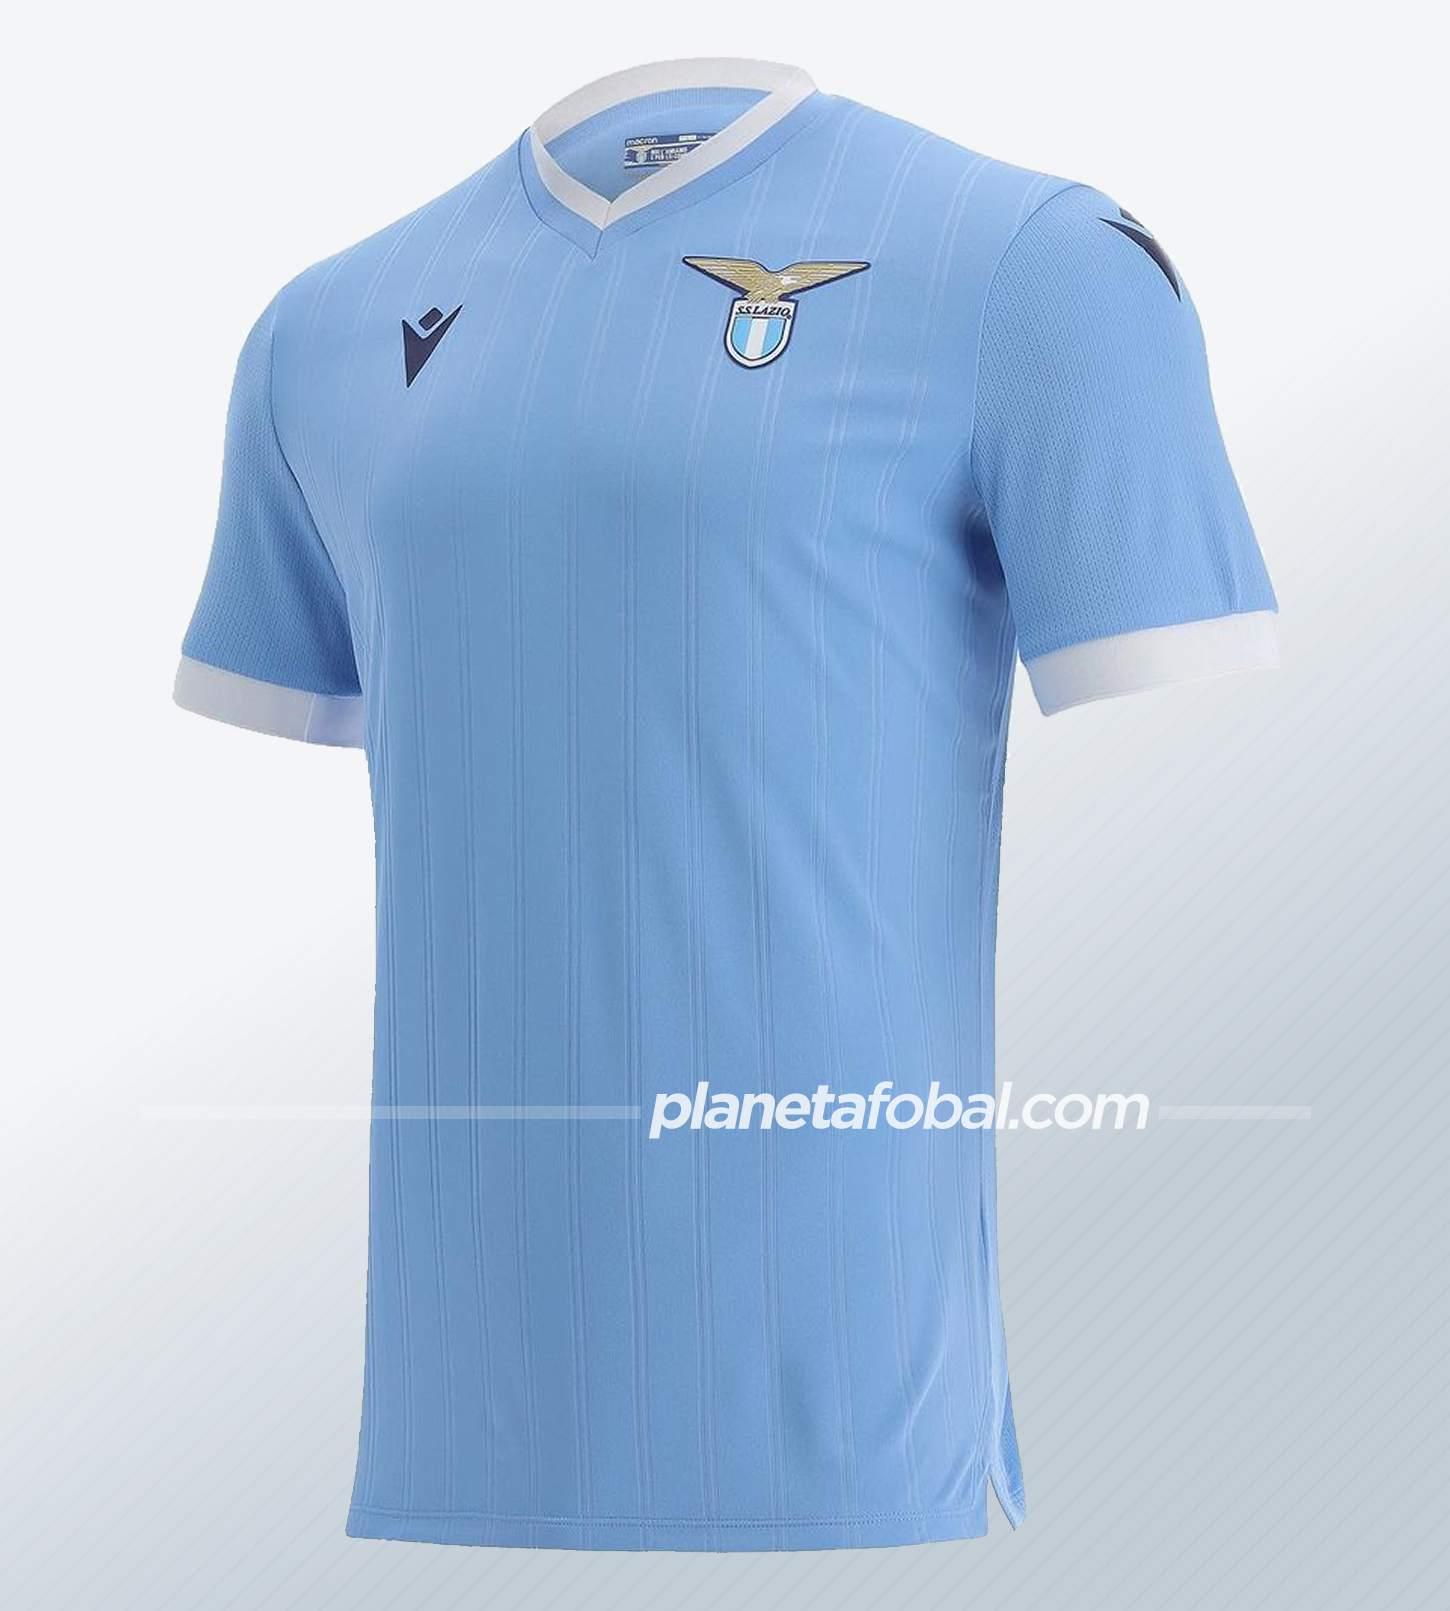 Camiseta Macron de la Lazio 2021/2022